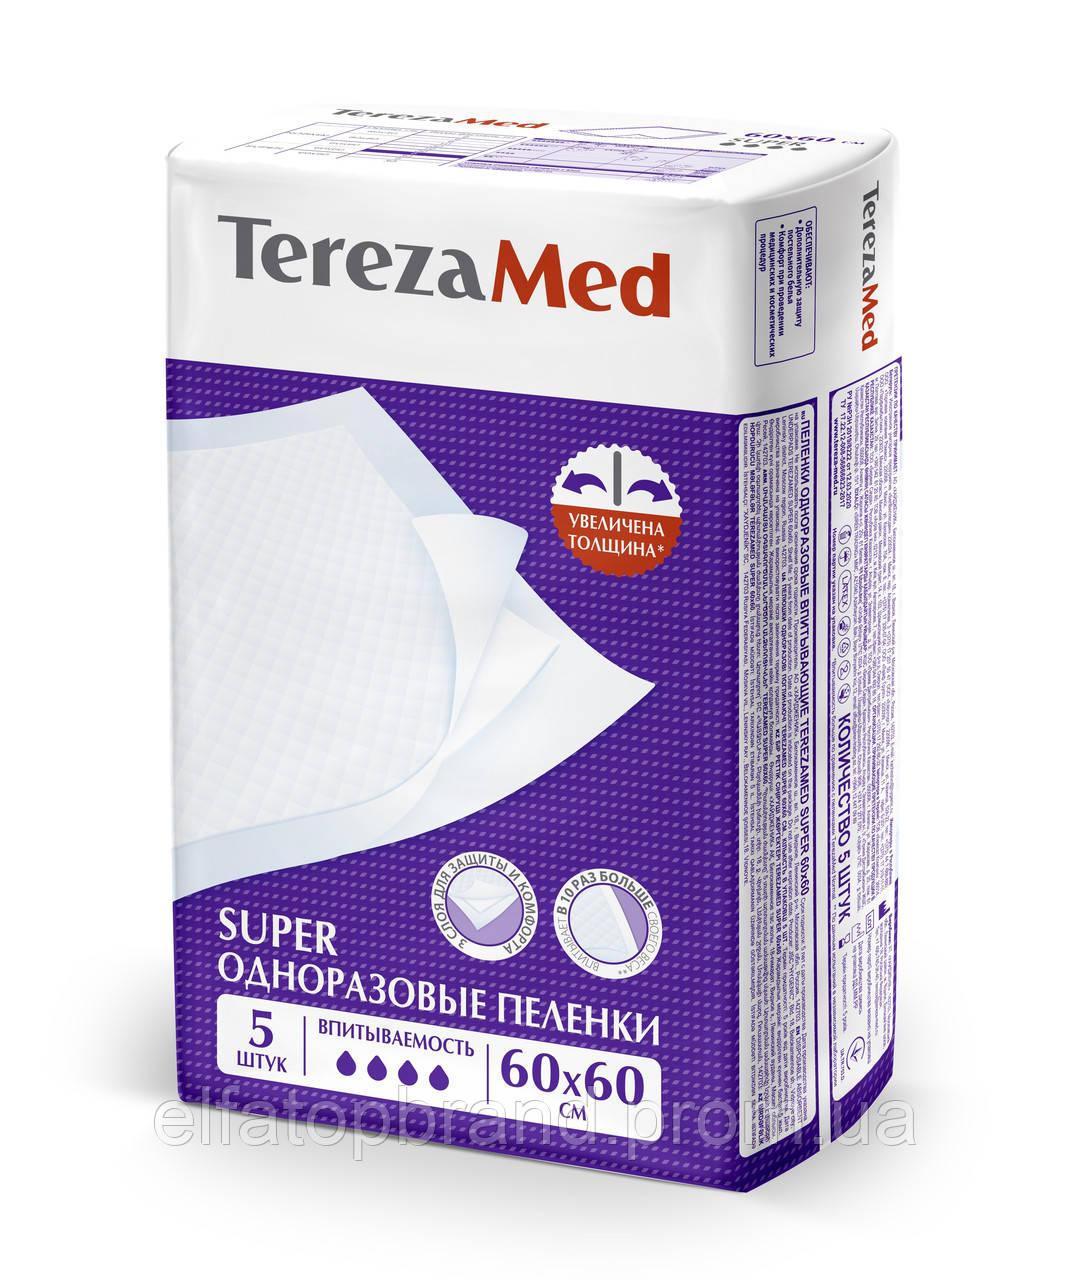 Пеленки Одноразовые Впитывающие Для Детей и Взрослых Super 60x60 TerezaMed 5 шт